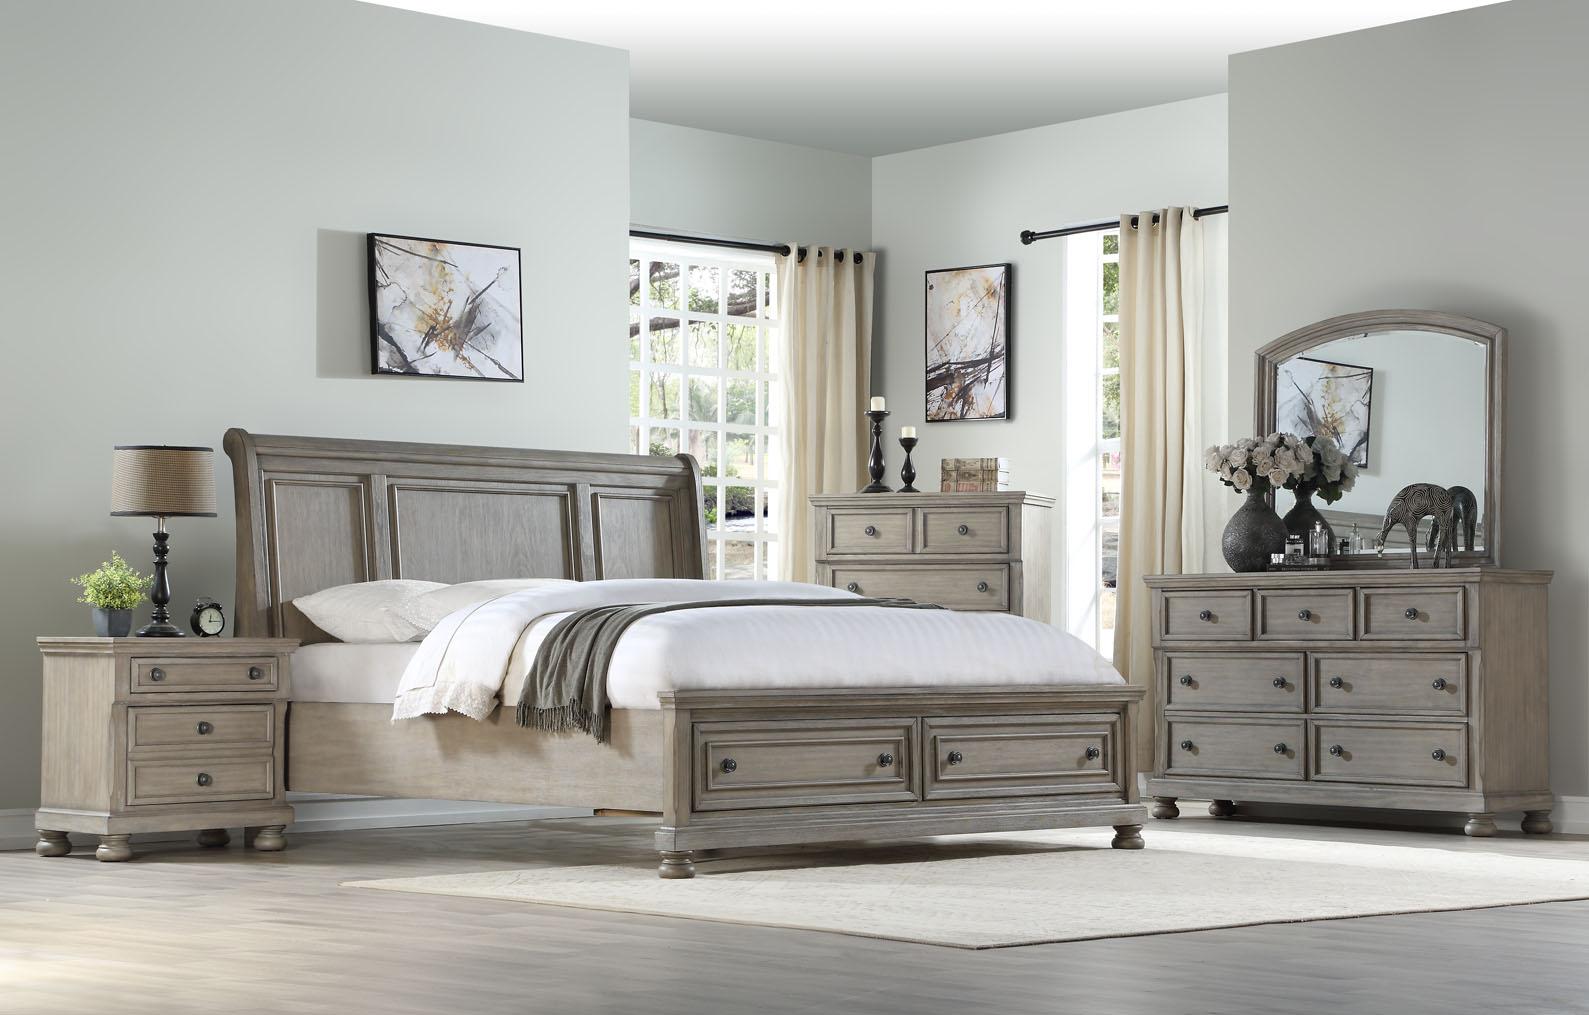 1070 Queen 5 Piece Bedroom Set - Prescott Grey Bedroom $1559